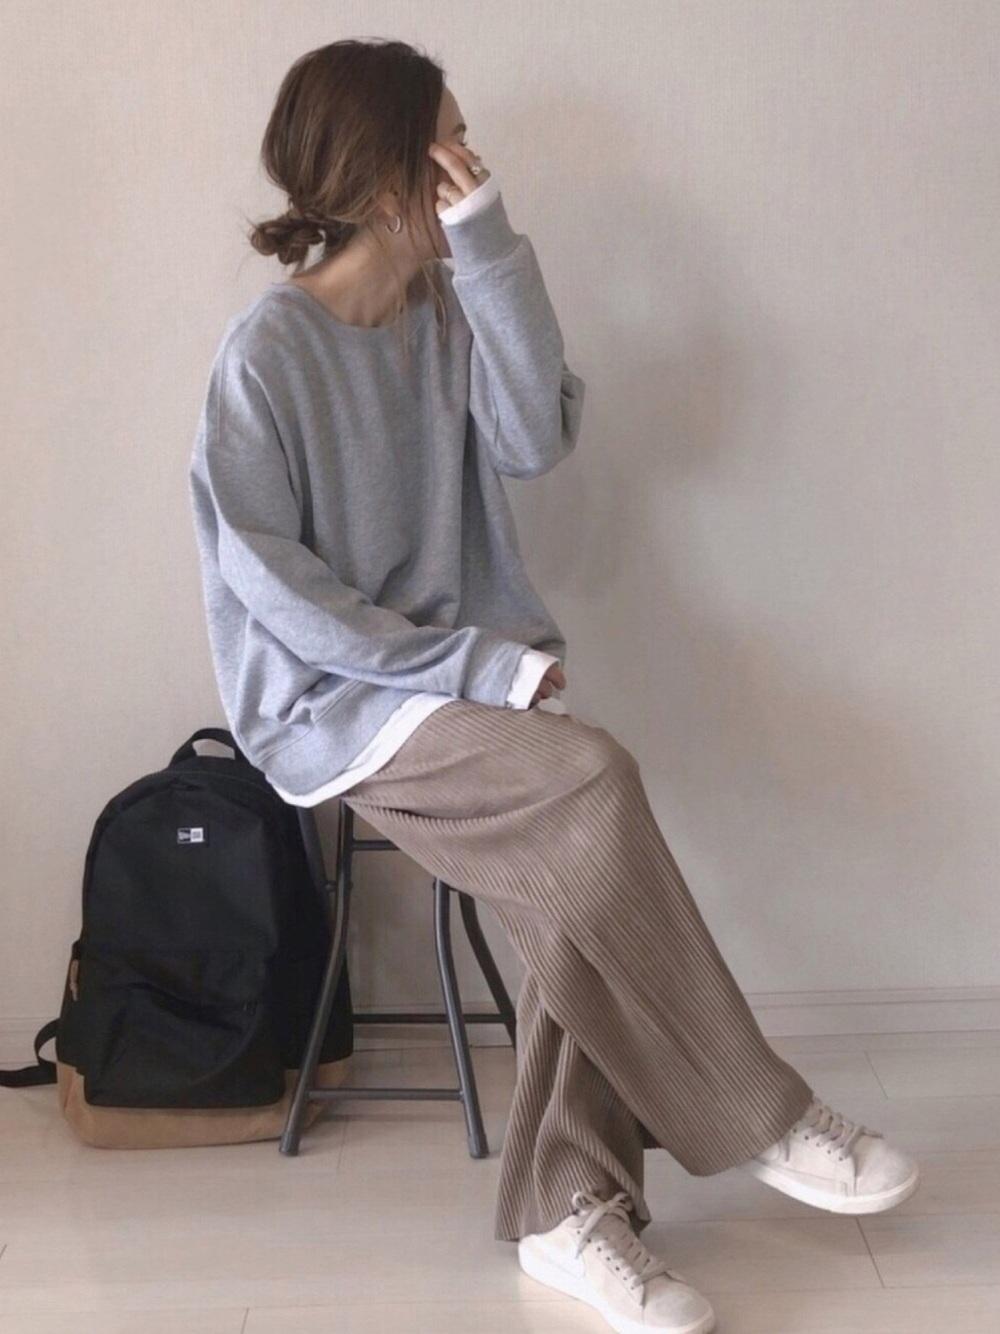 ニュアンスカラー×ベージュスニーカーコーデ ladies-beige-sneakers-styles-with-nuance-color